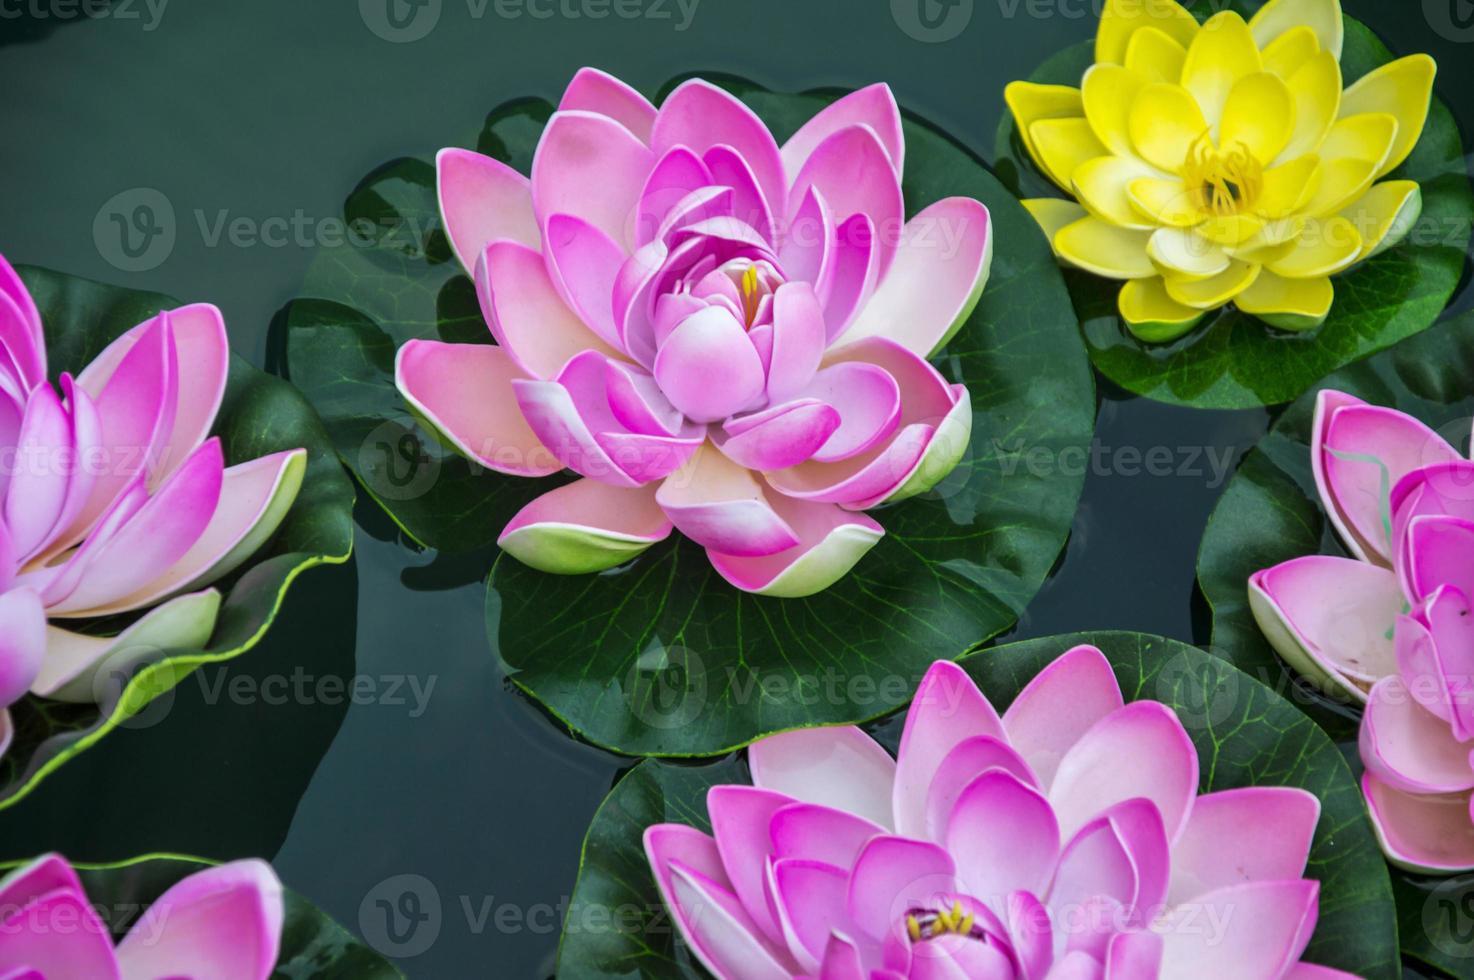 pequeñas flores de loto artificiales foto